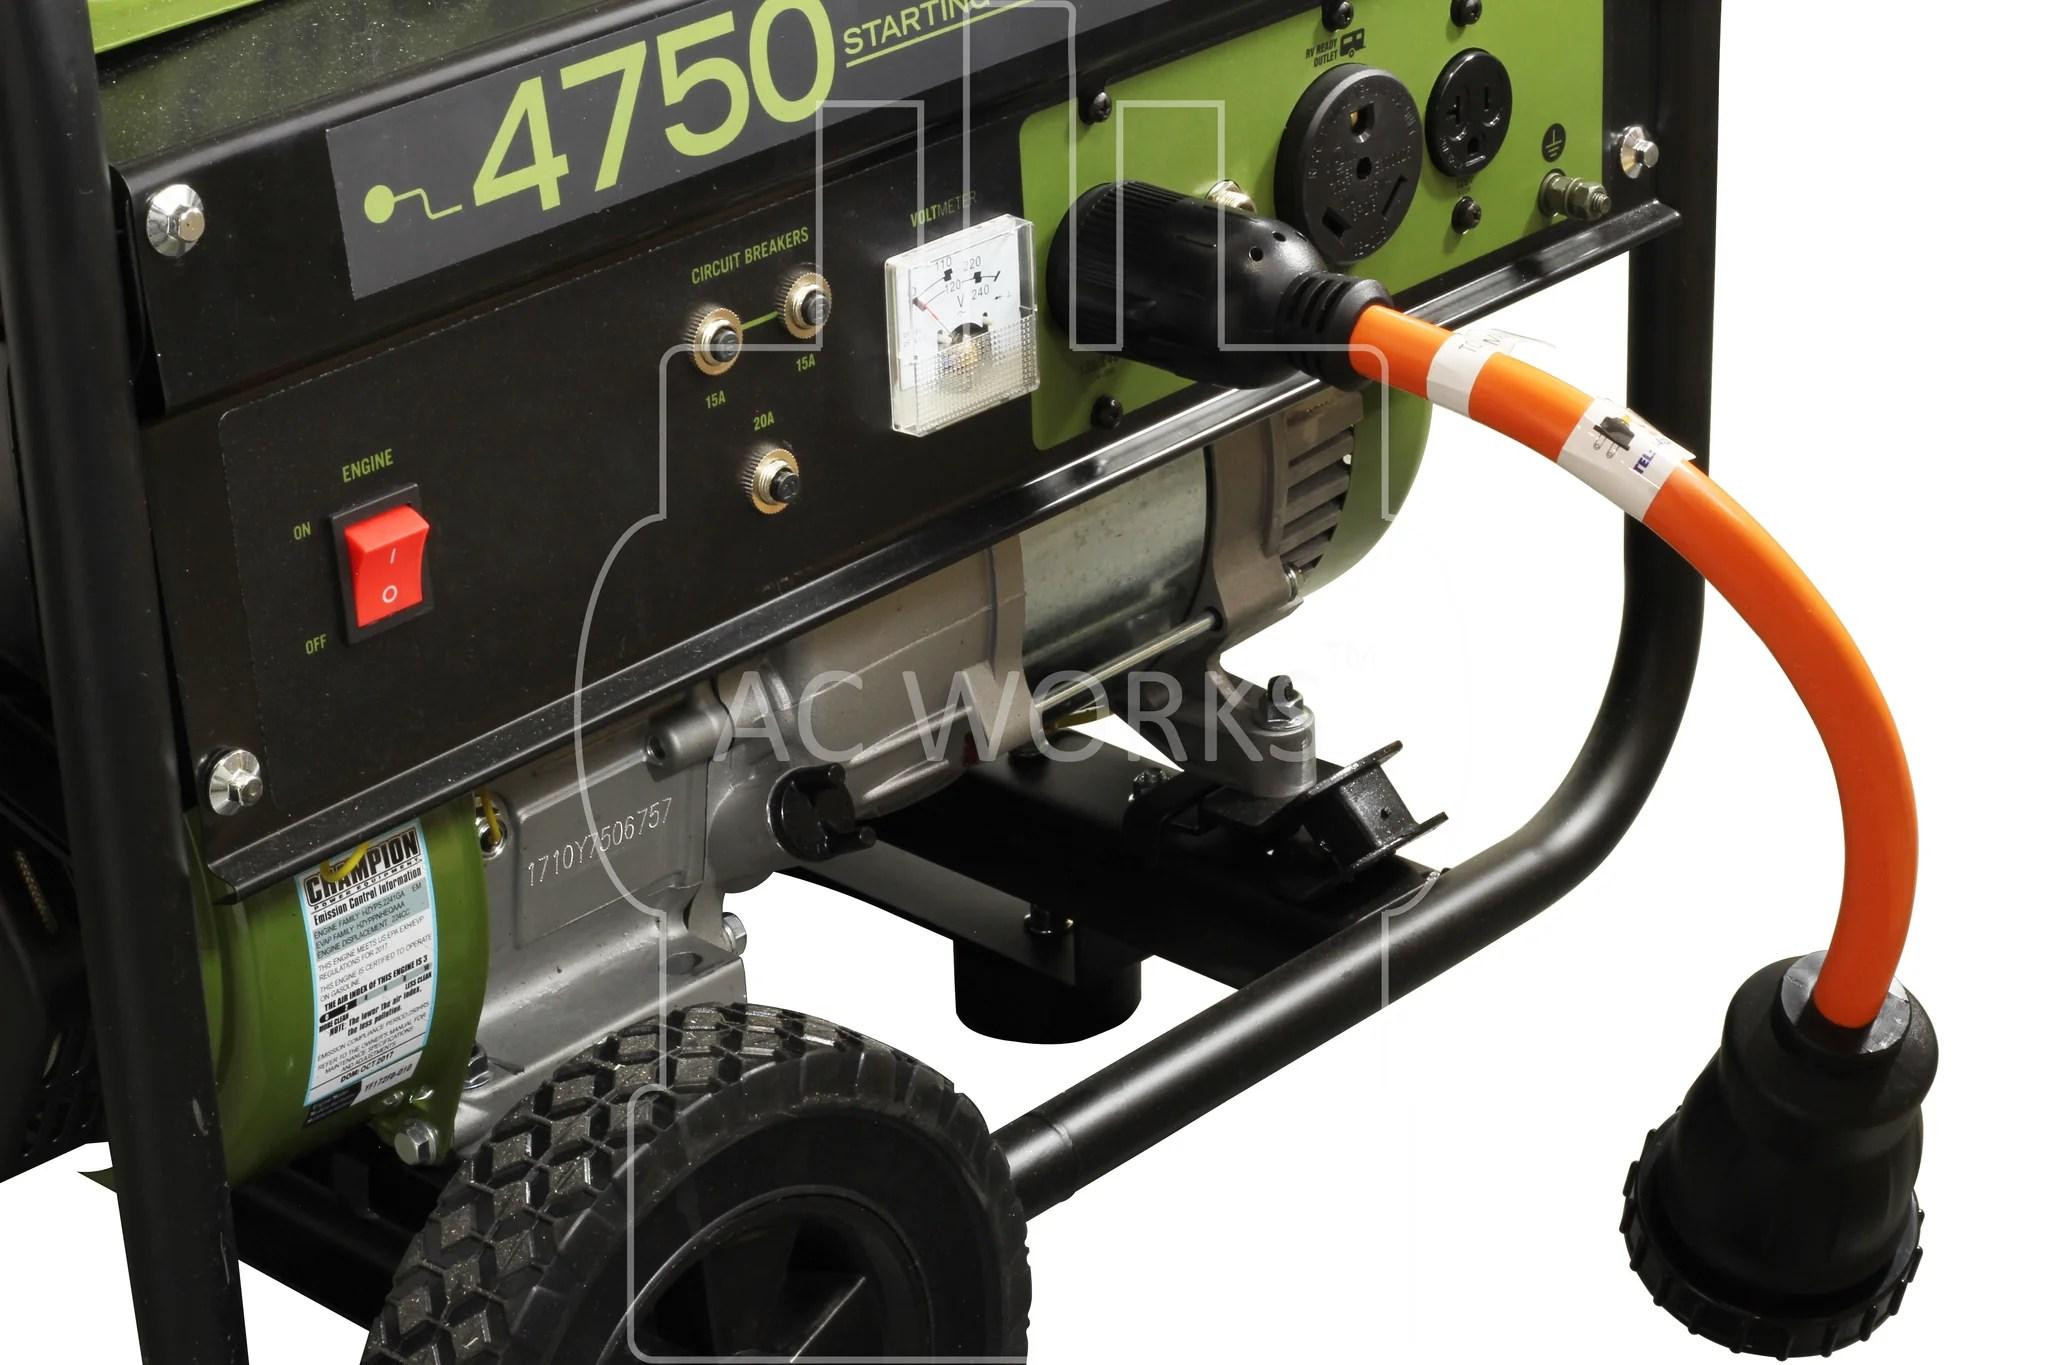 rv generator adapter flexible rv adapter flexible generator adapter 50 amp rv adapter  [ 2048 x 1365 Pixel ]